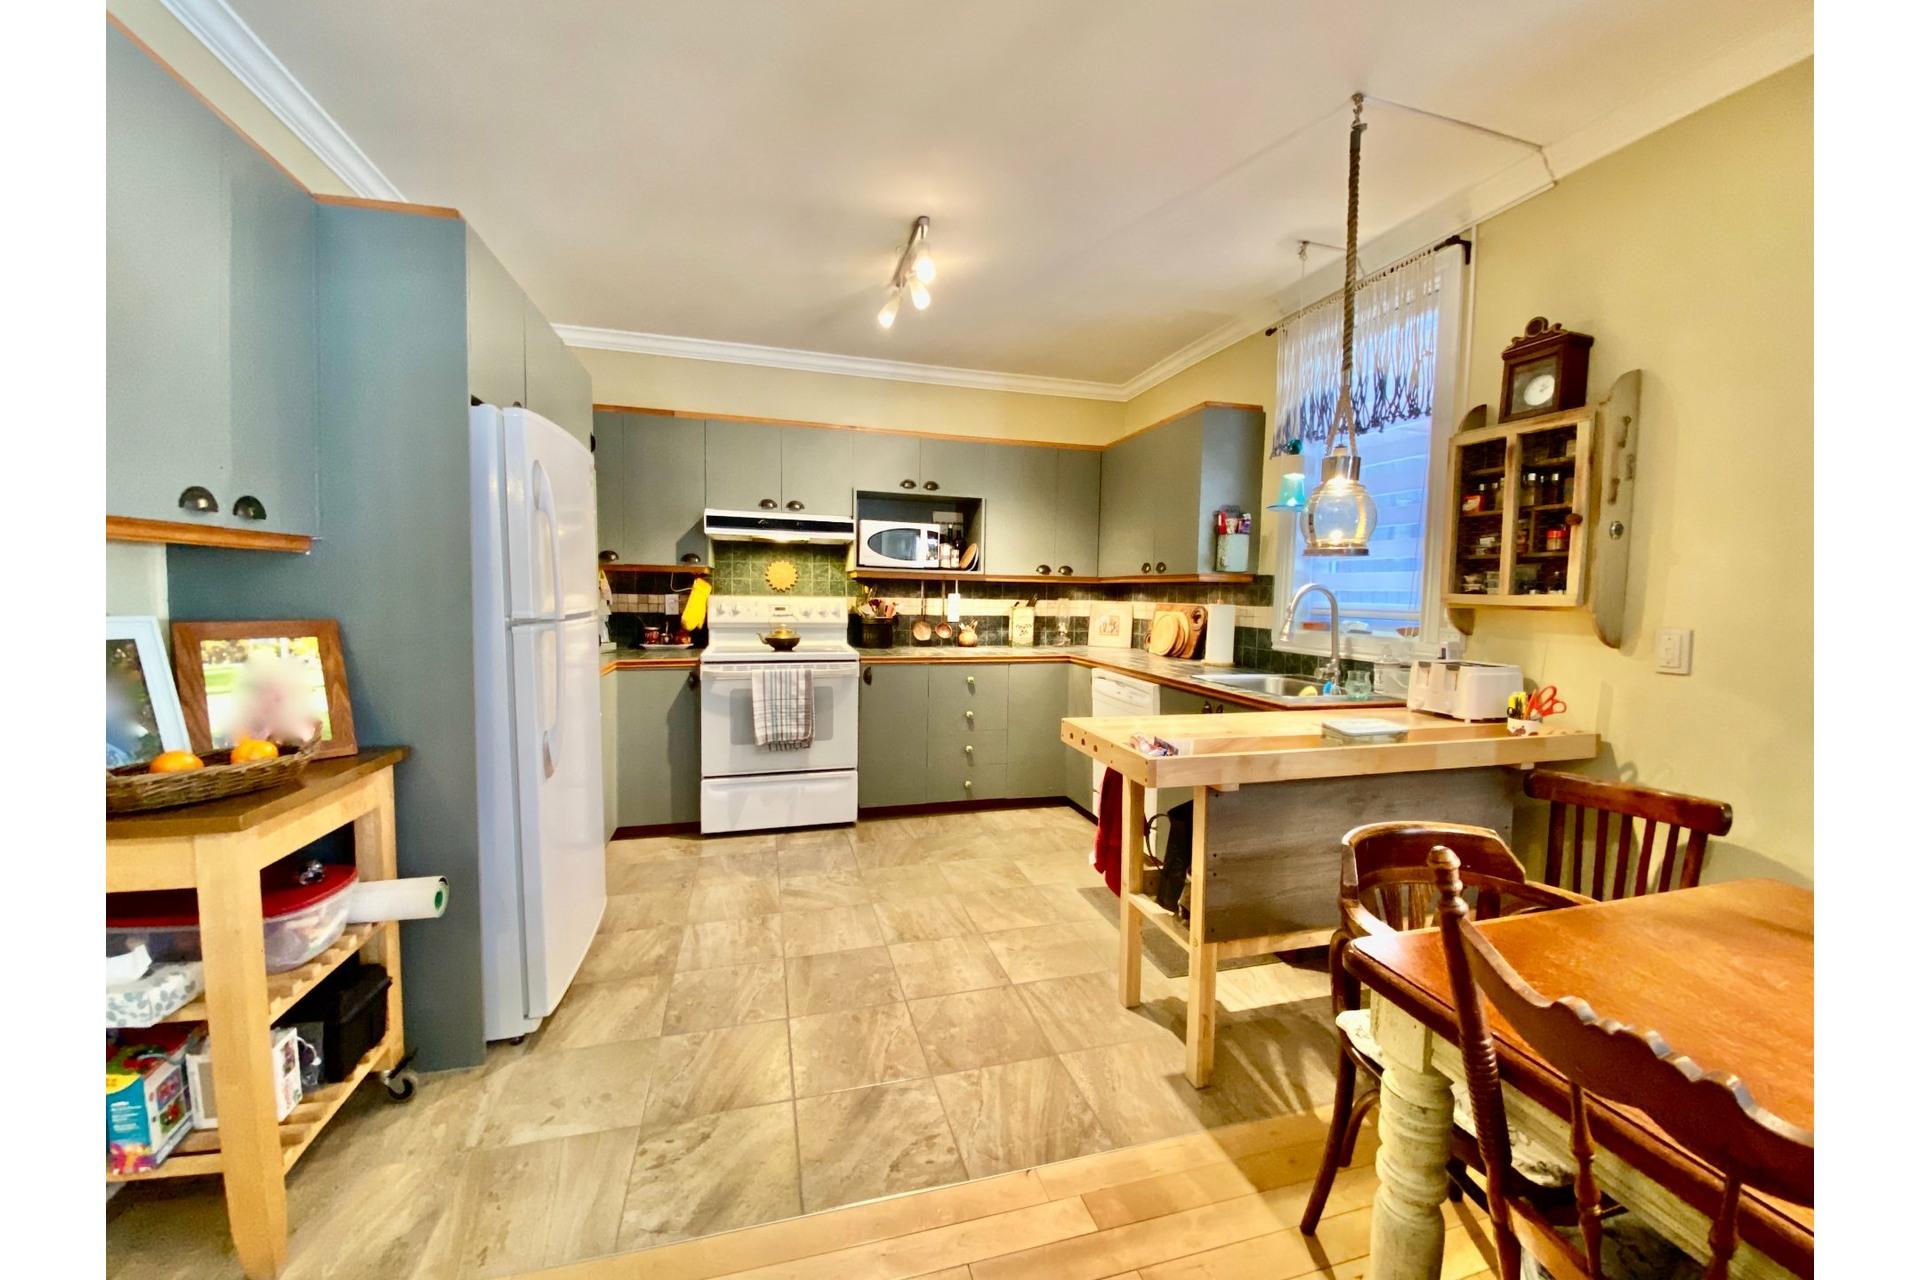 image 8 - Appartement À louer Dorval - 7 pièces